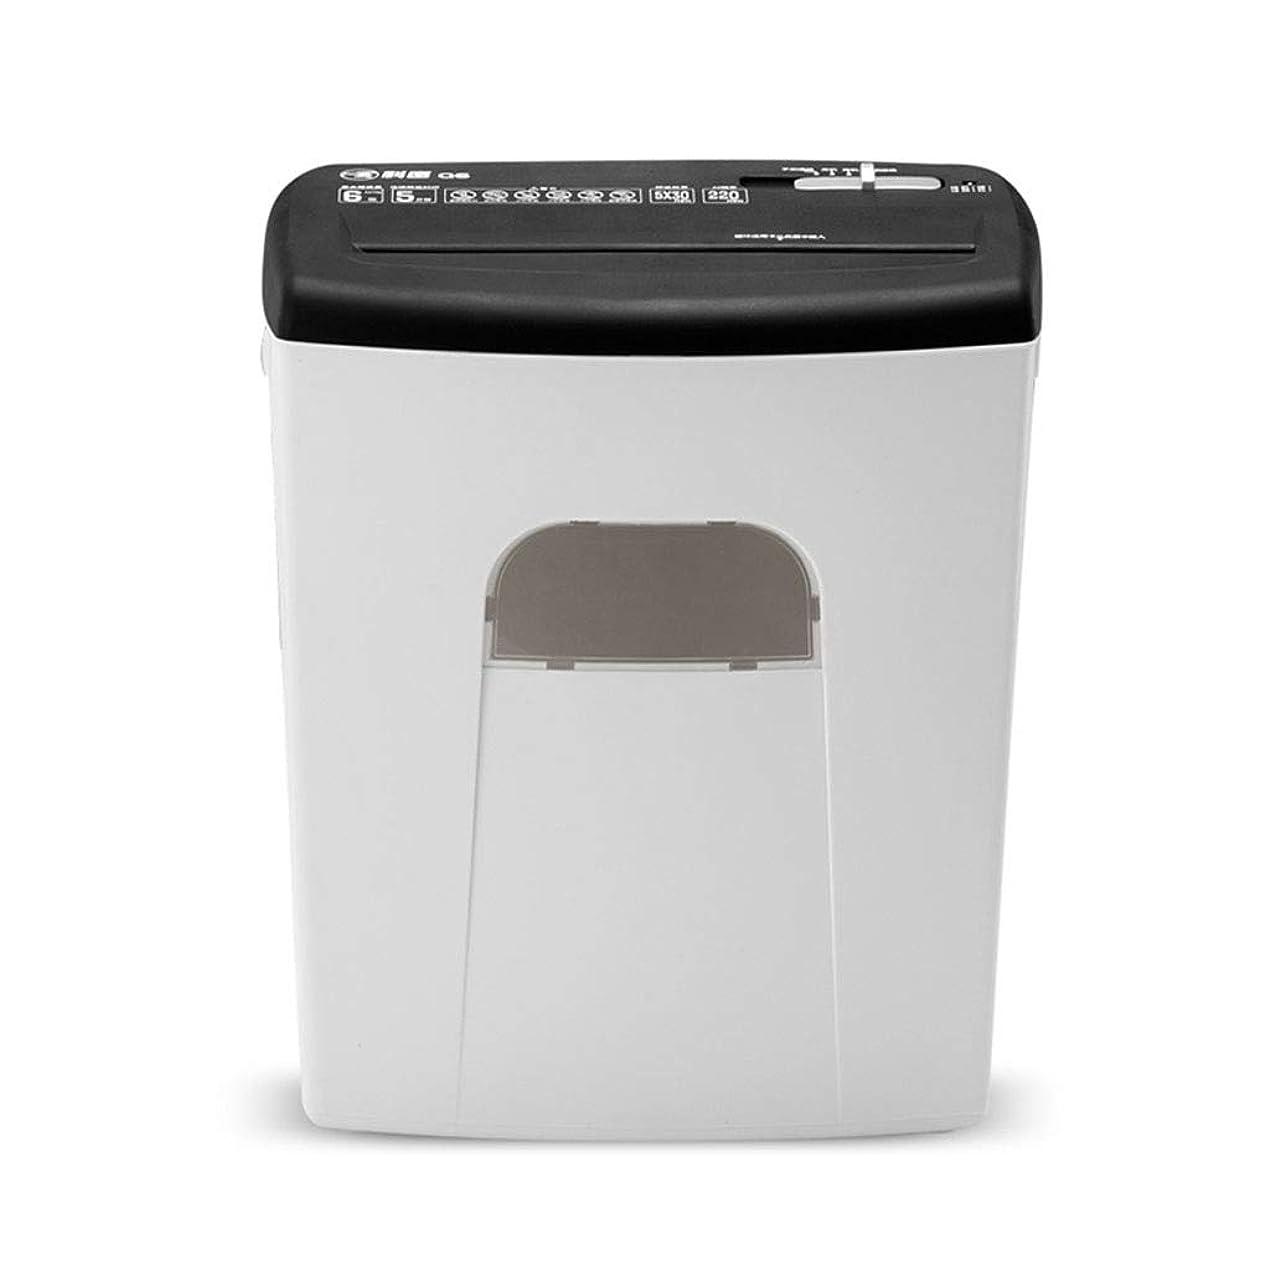 キャンドル濃度ガチョウスモールオフィスシュレッダーカード、商業ブックネイルズ契約書類の機密シュレッダー、家庭用ゴミ箱ポータブルデスクトップシュレッダー (Color : White)